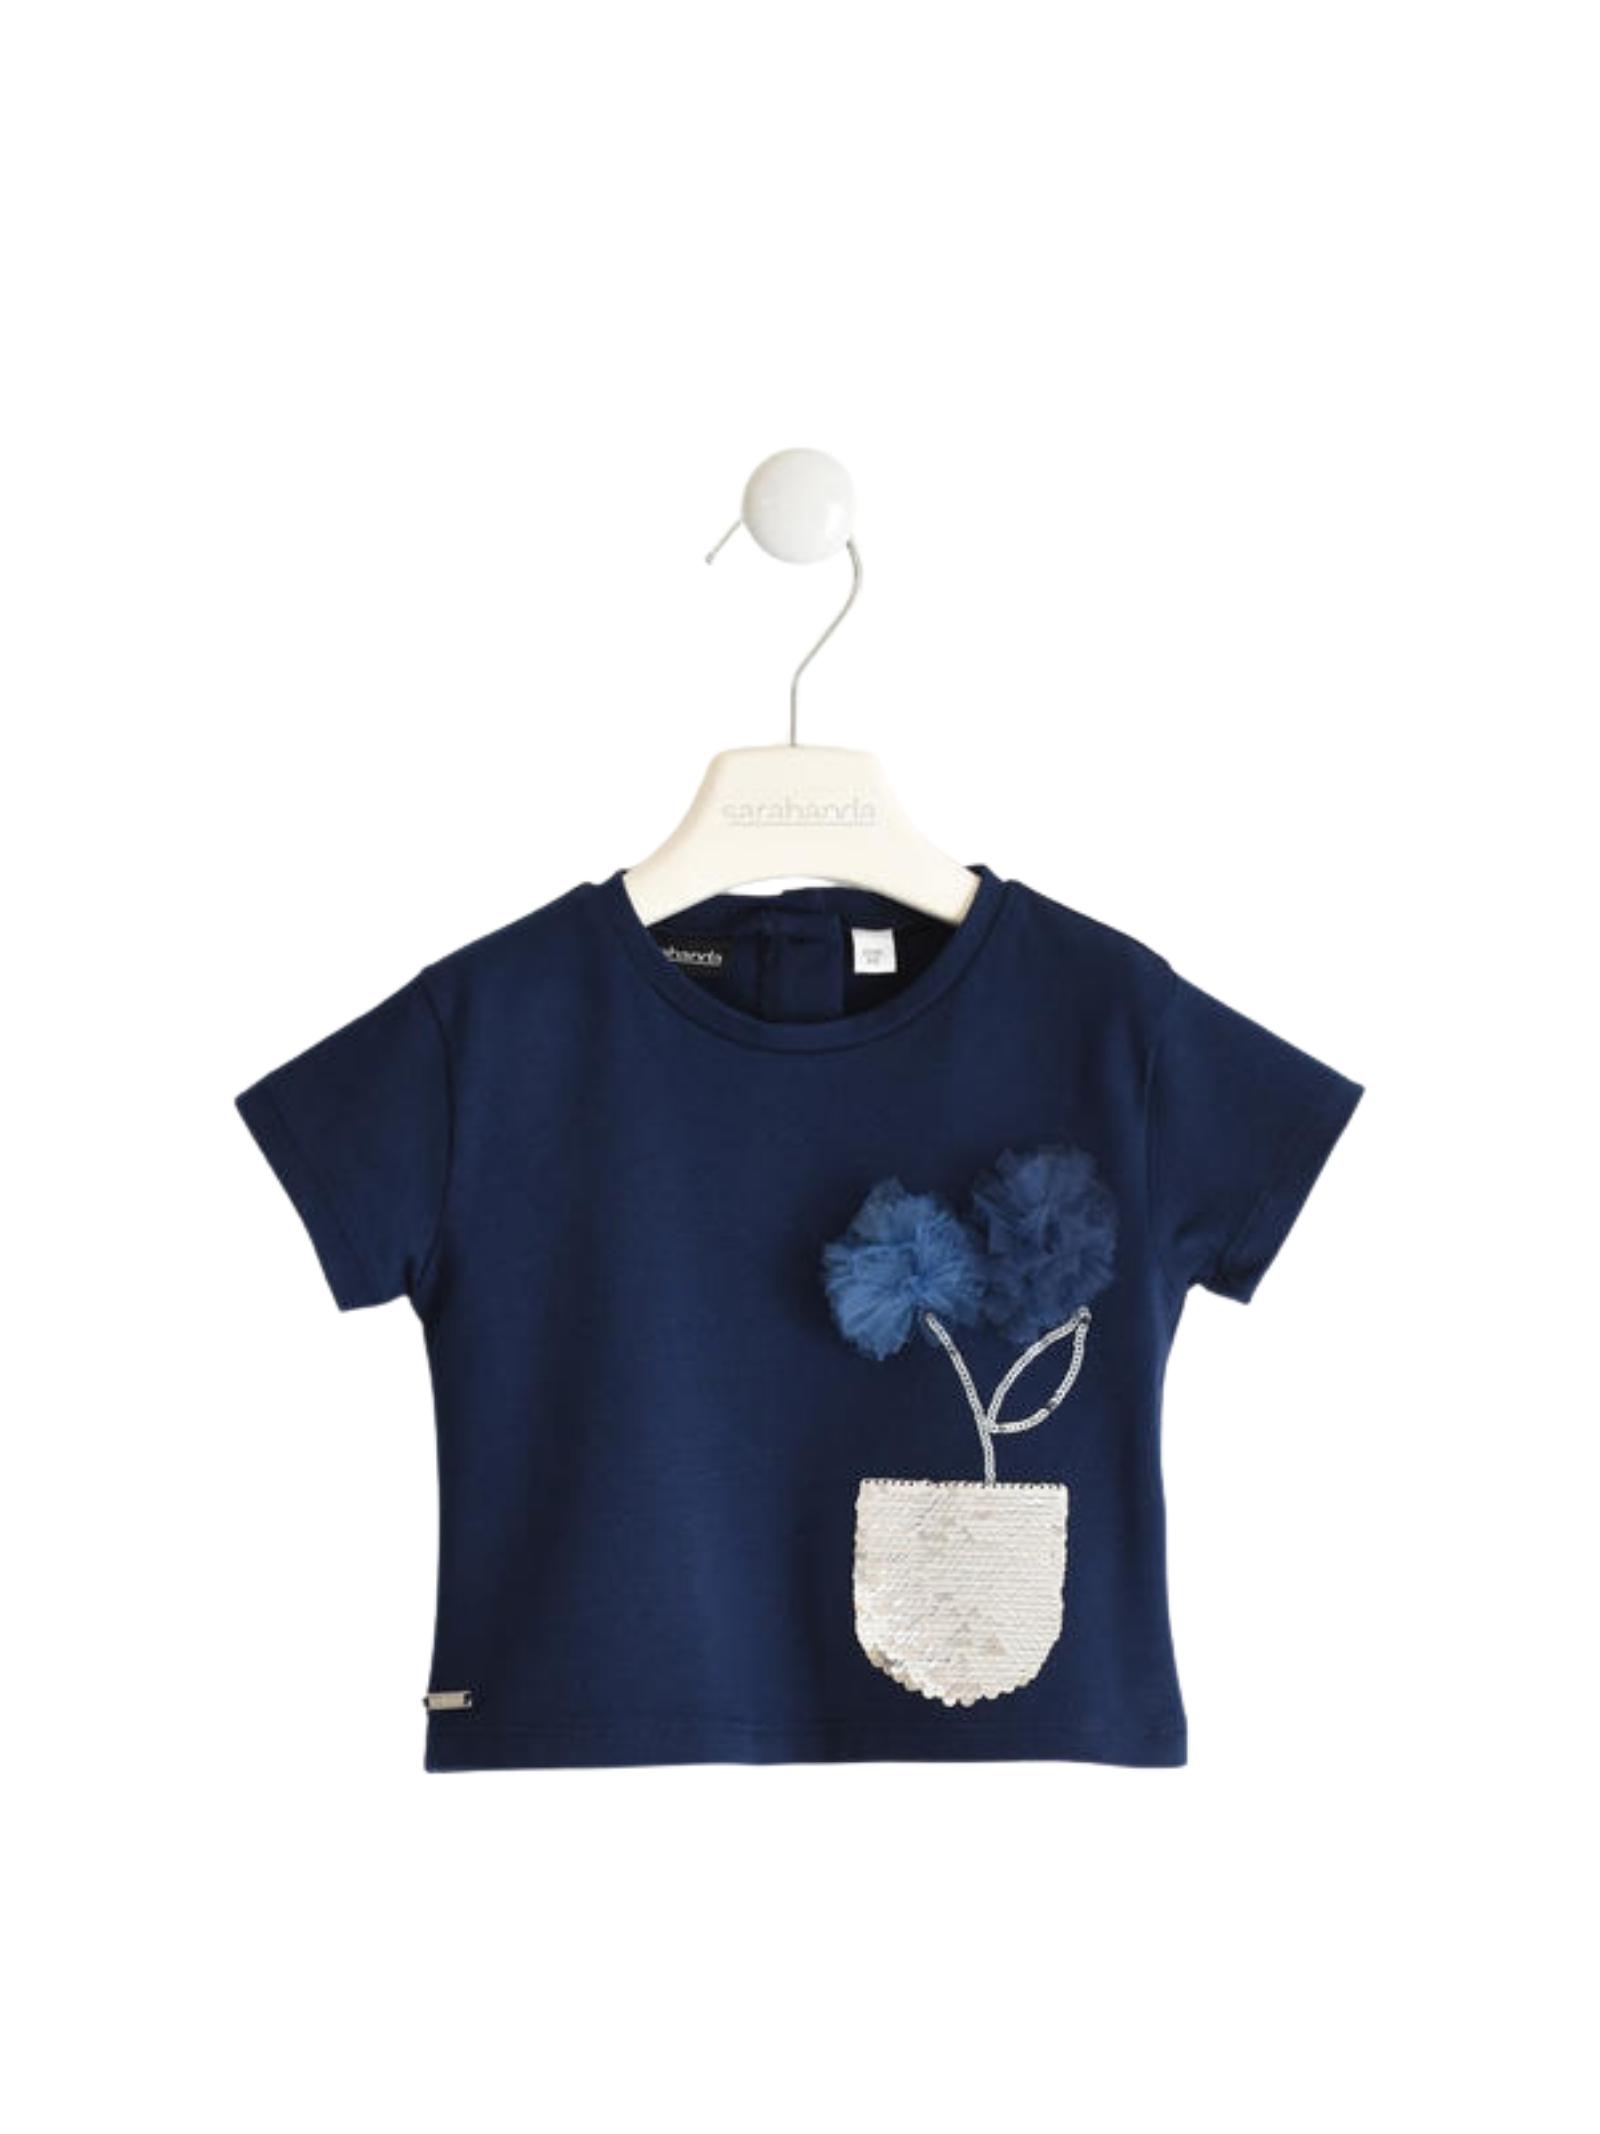 SARABANDA | T-shirt | 02566003854